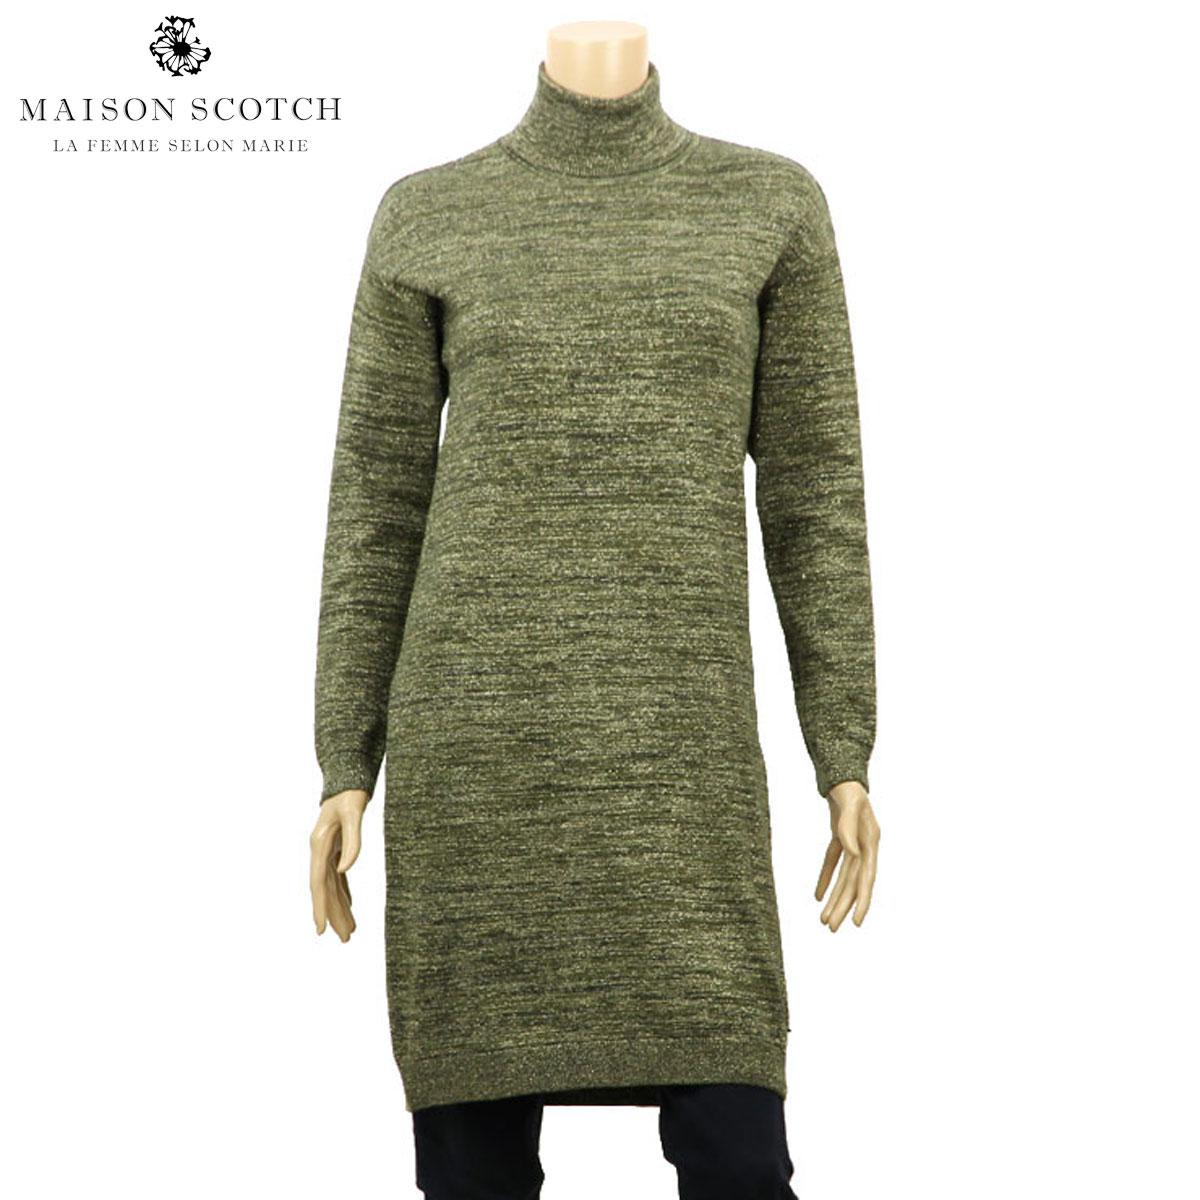 メゾンスコッチ MAISON SCOTCH 正規販売店 レディース ドレス High neck straight fit dress 134178 17 D00S20